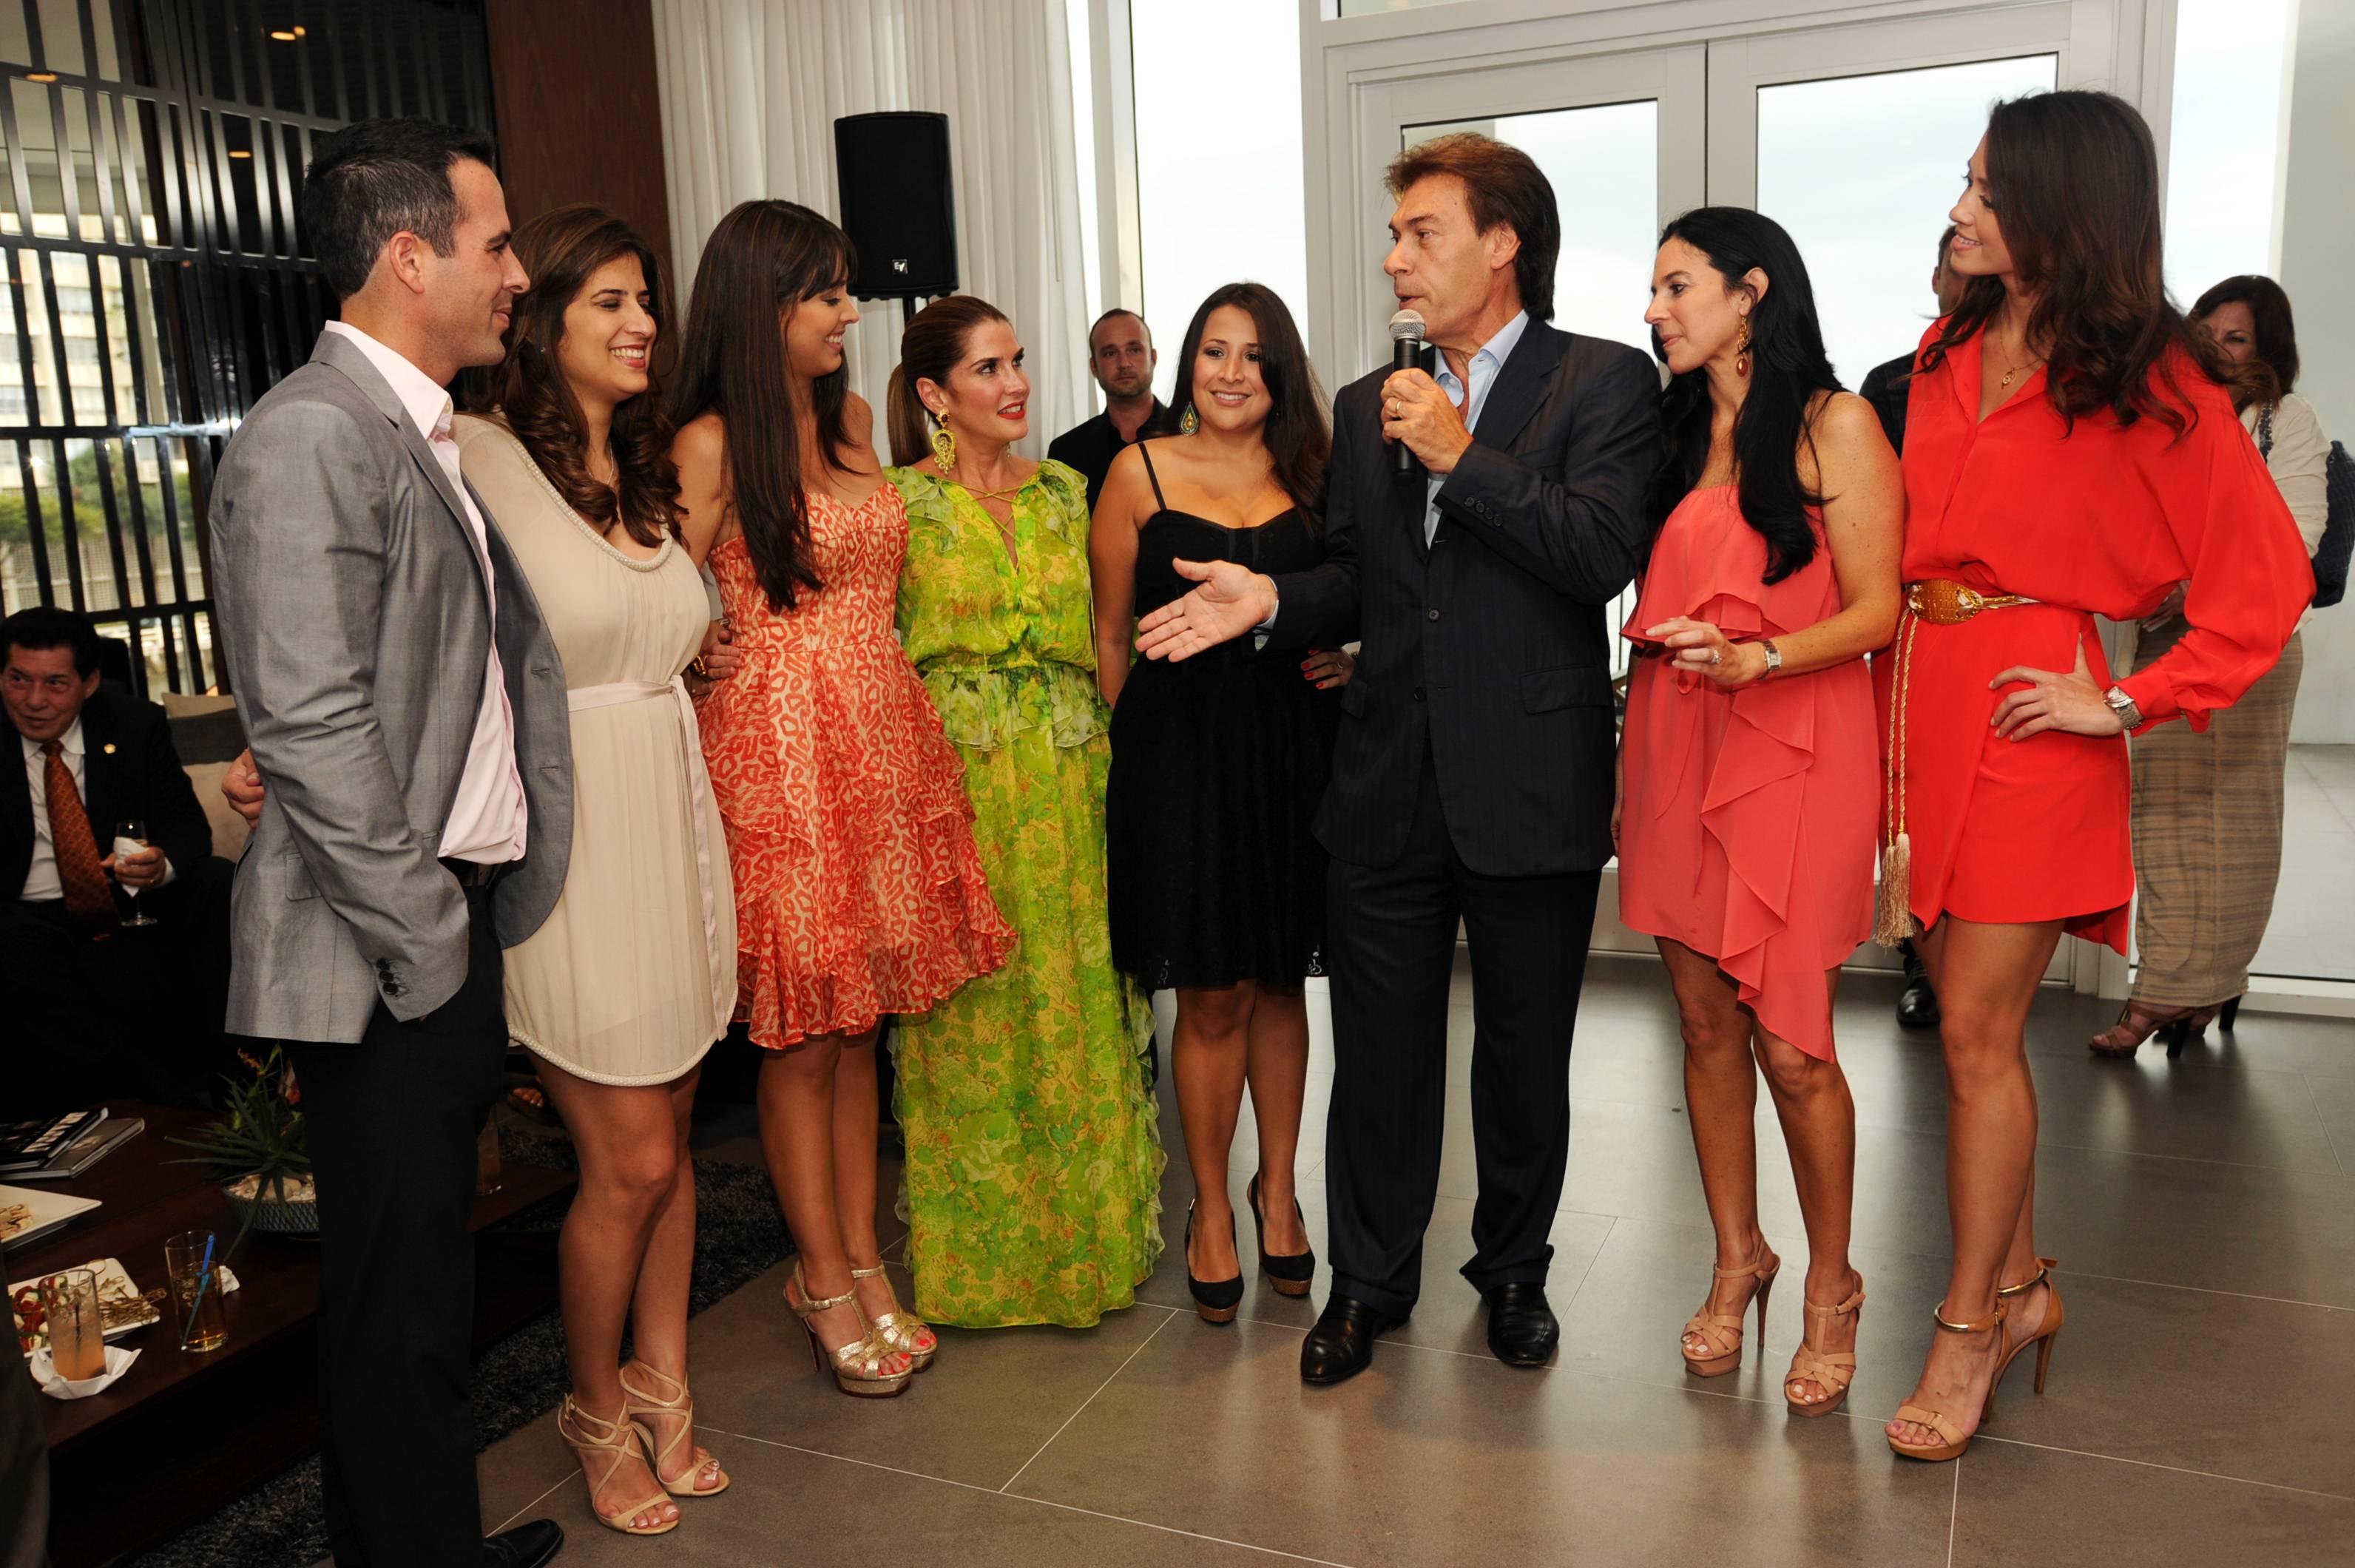 RafaelGonzalez,Yanet De Castro,AlejandraCastillo,IsabellaHolguin,ElizabethGarcia,EdgardoDefortuna,CatalinaMartucci and Annie de la